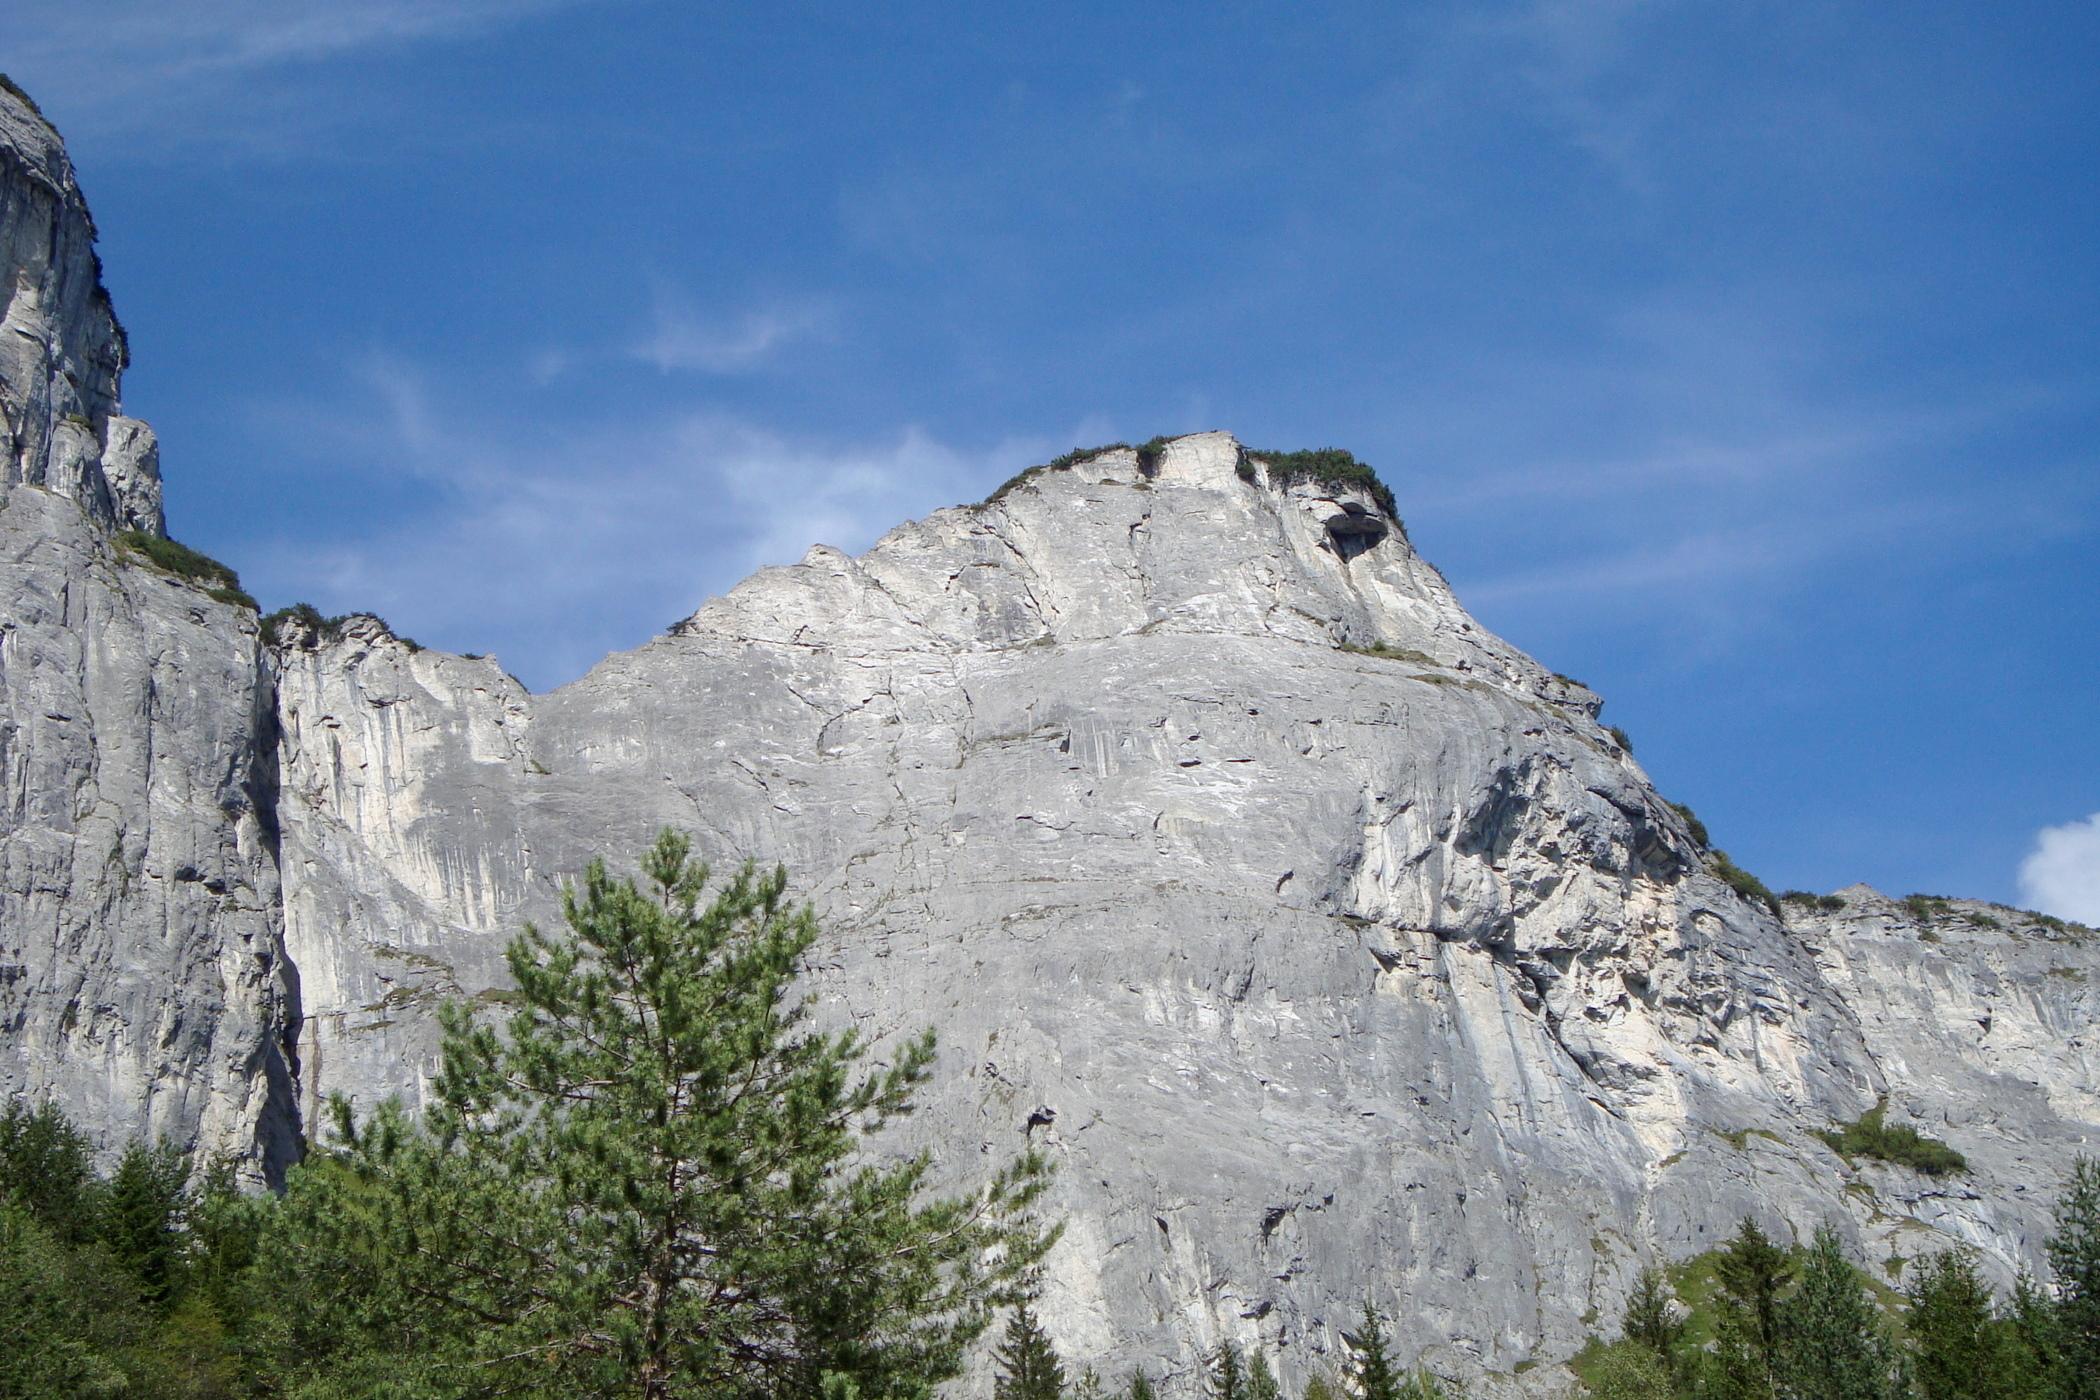 Klettersteig Flimserstein : Klettersteig pinut